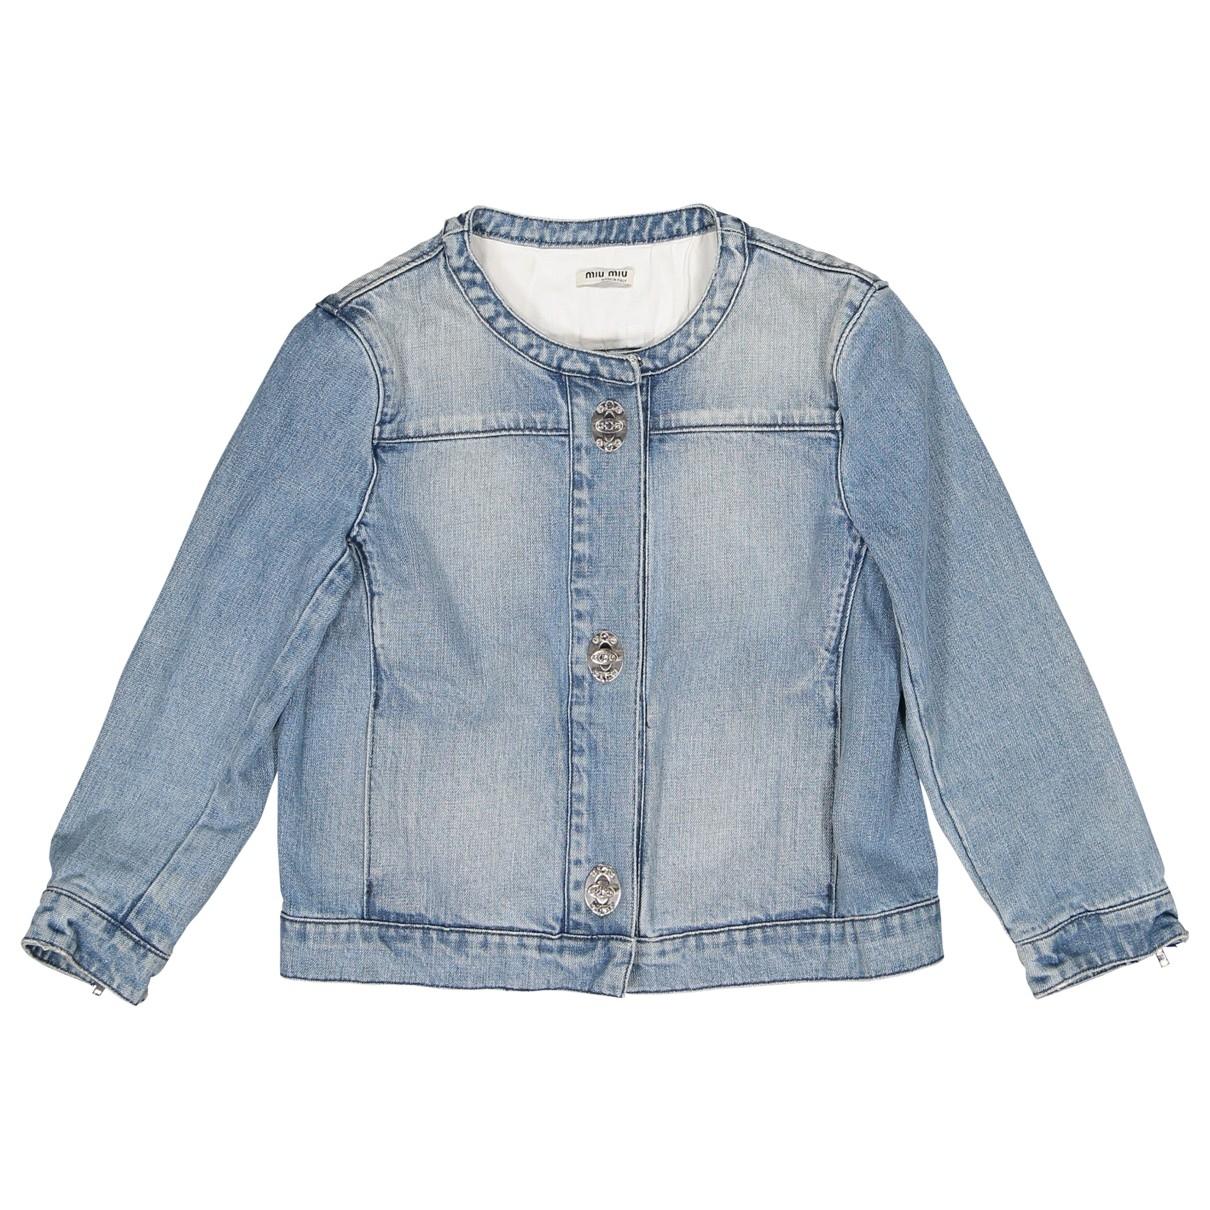 Miu Miu \N Blue Denim - Jeans jacket for Women 40 IT